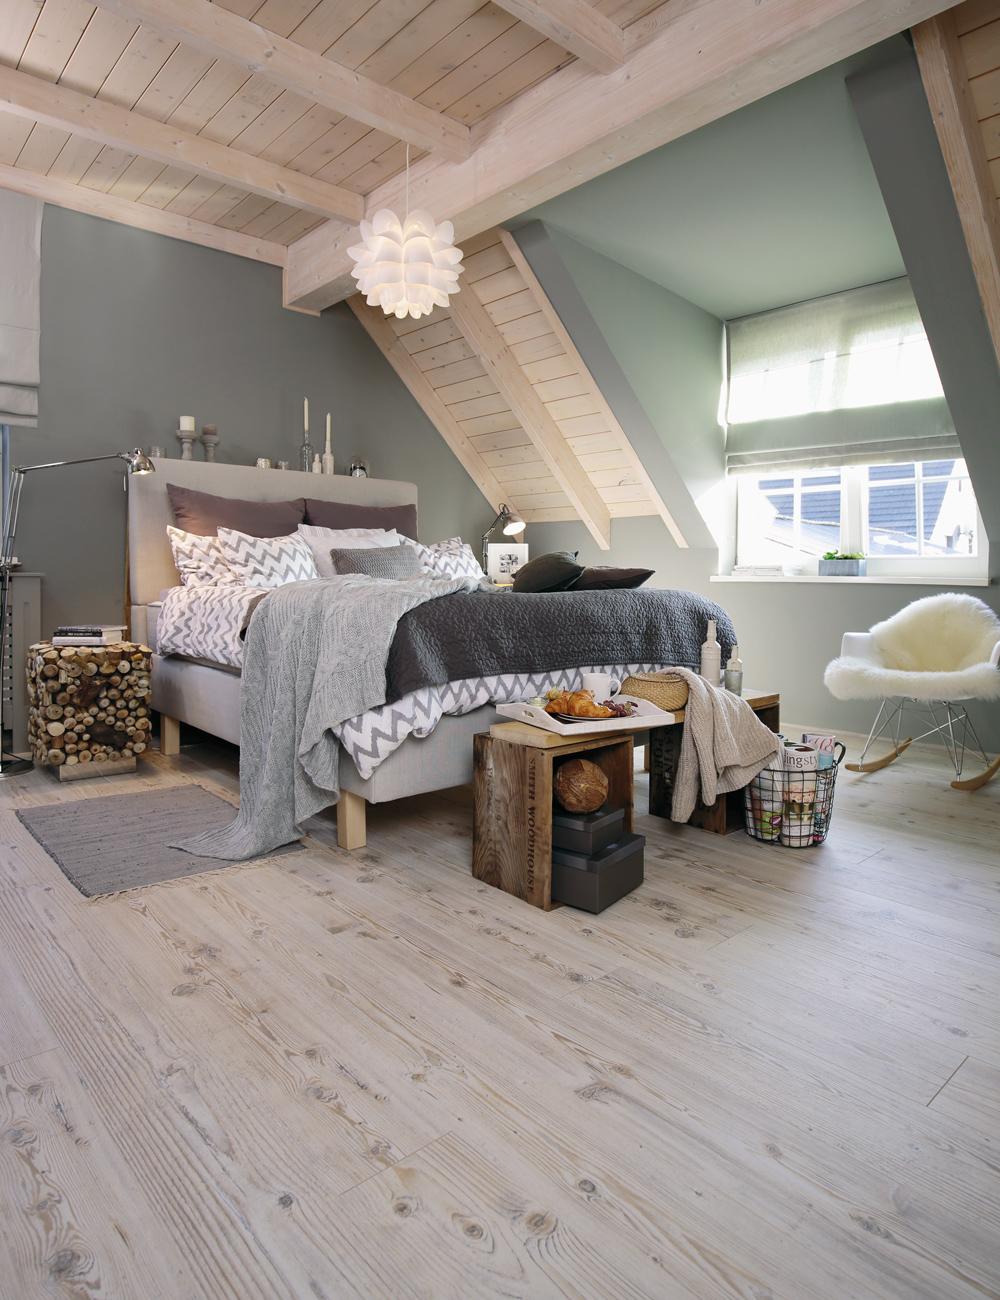 wineo Laminatboden 500 eiche hell im Schlafzimmer